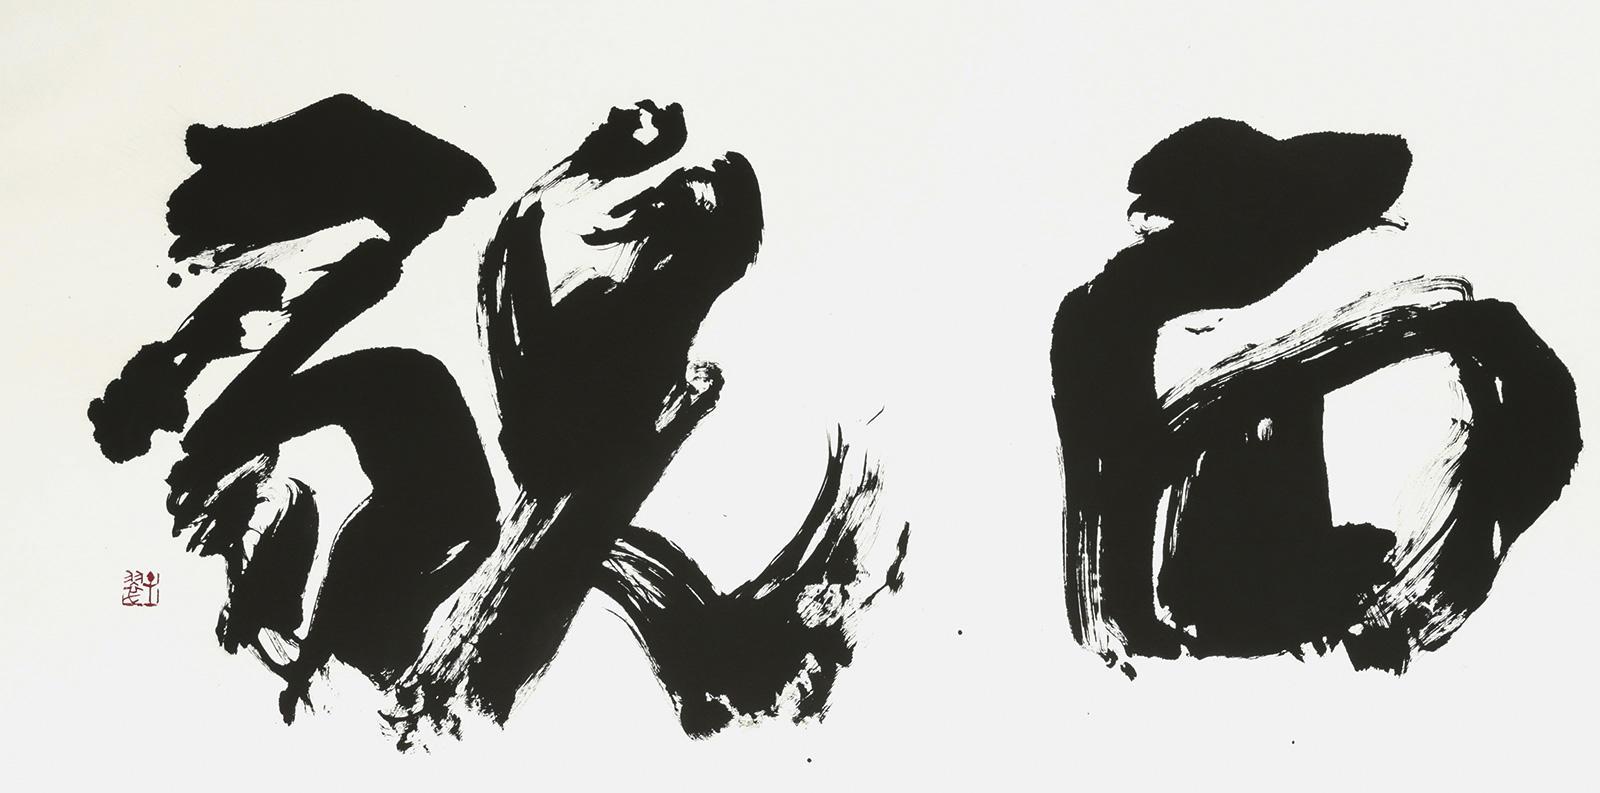 第37回産経国際書展出品作品「面貎」(縦90×横180センチ)